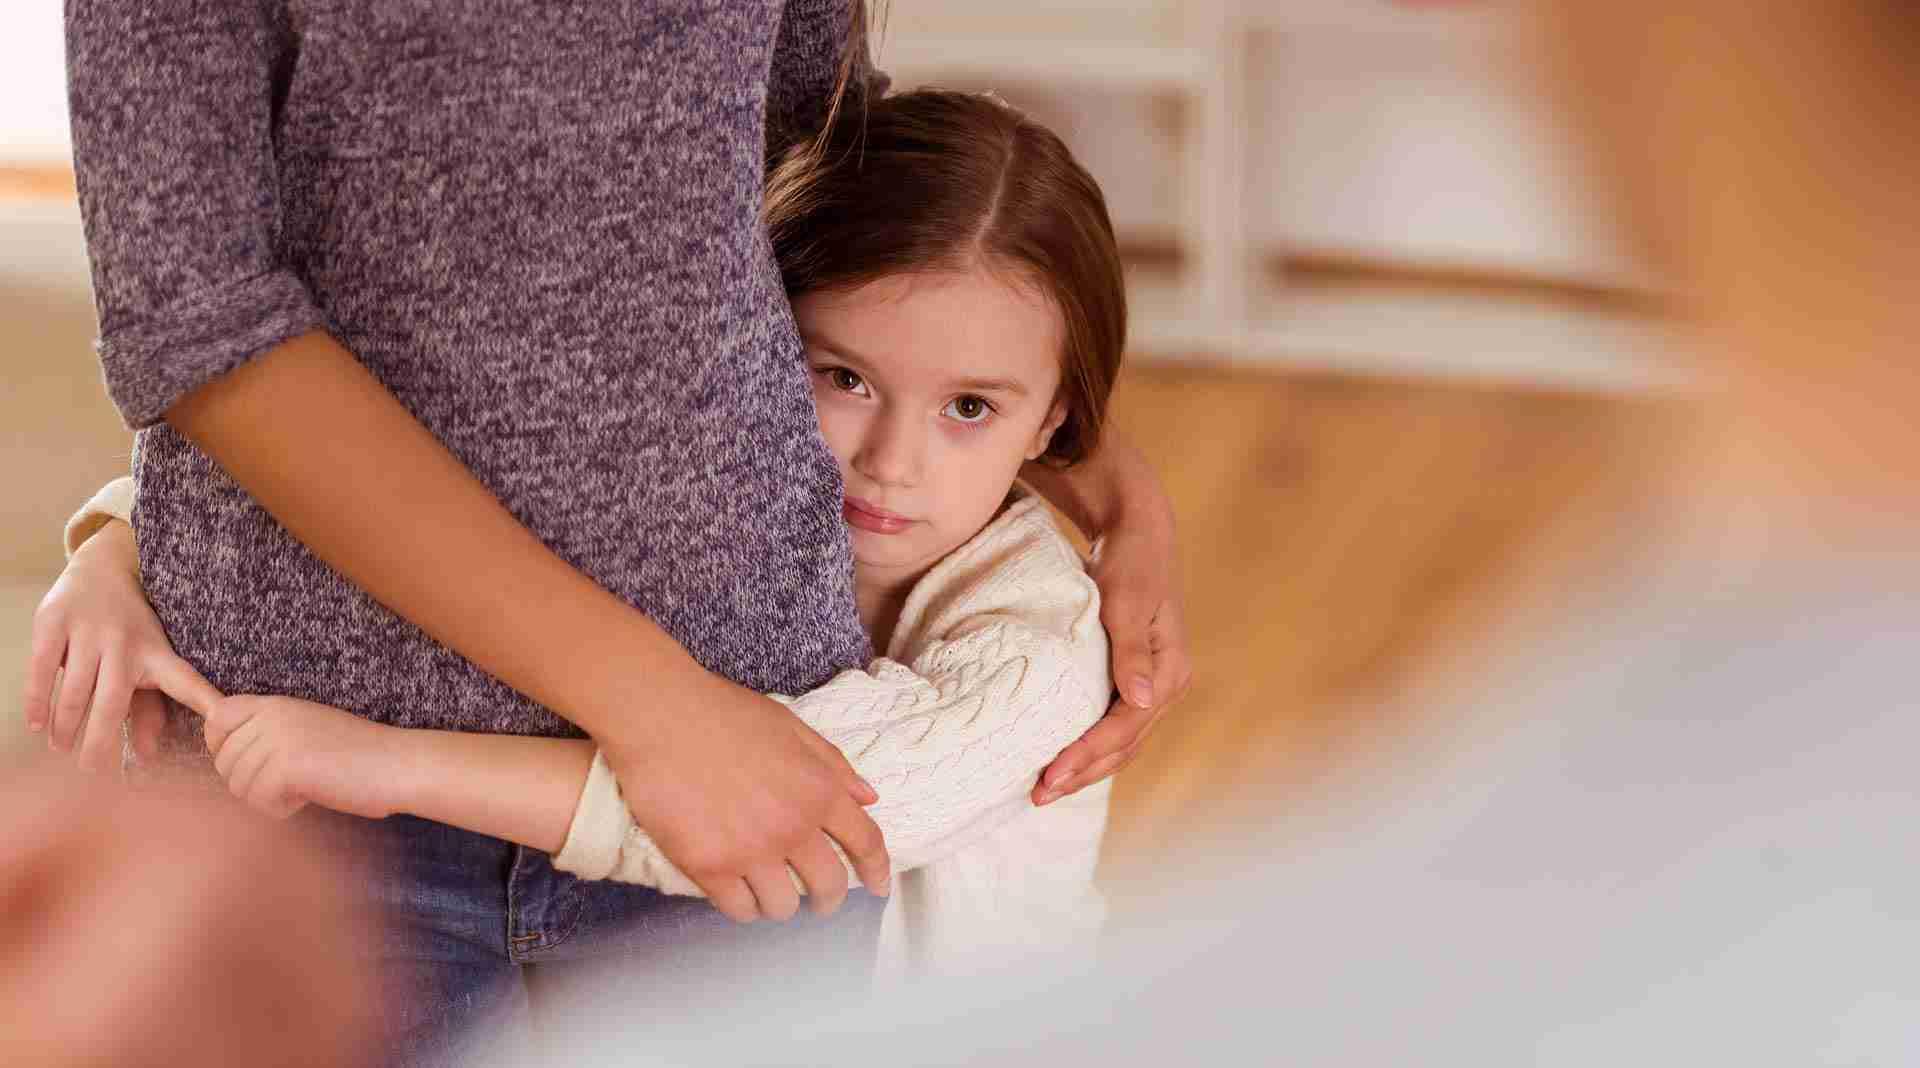 children-divorce-ireland-deirdre-burke-orpen-franks